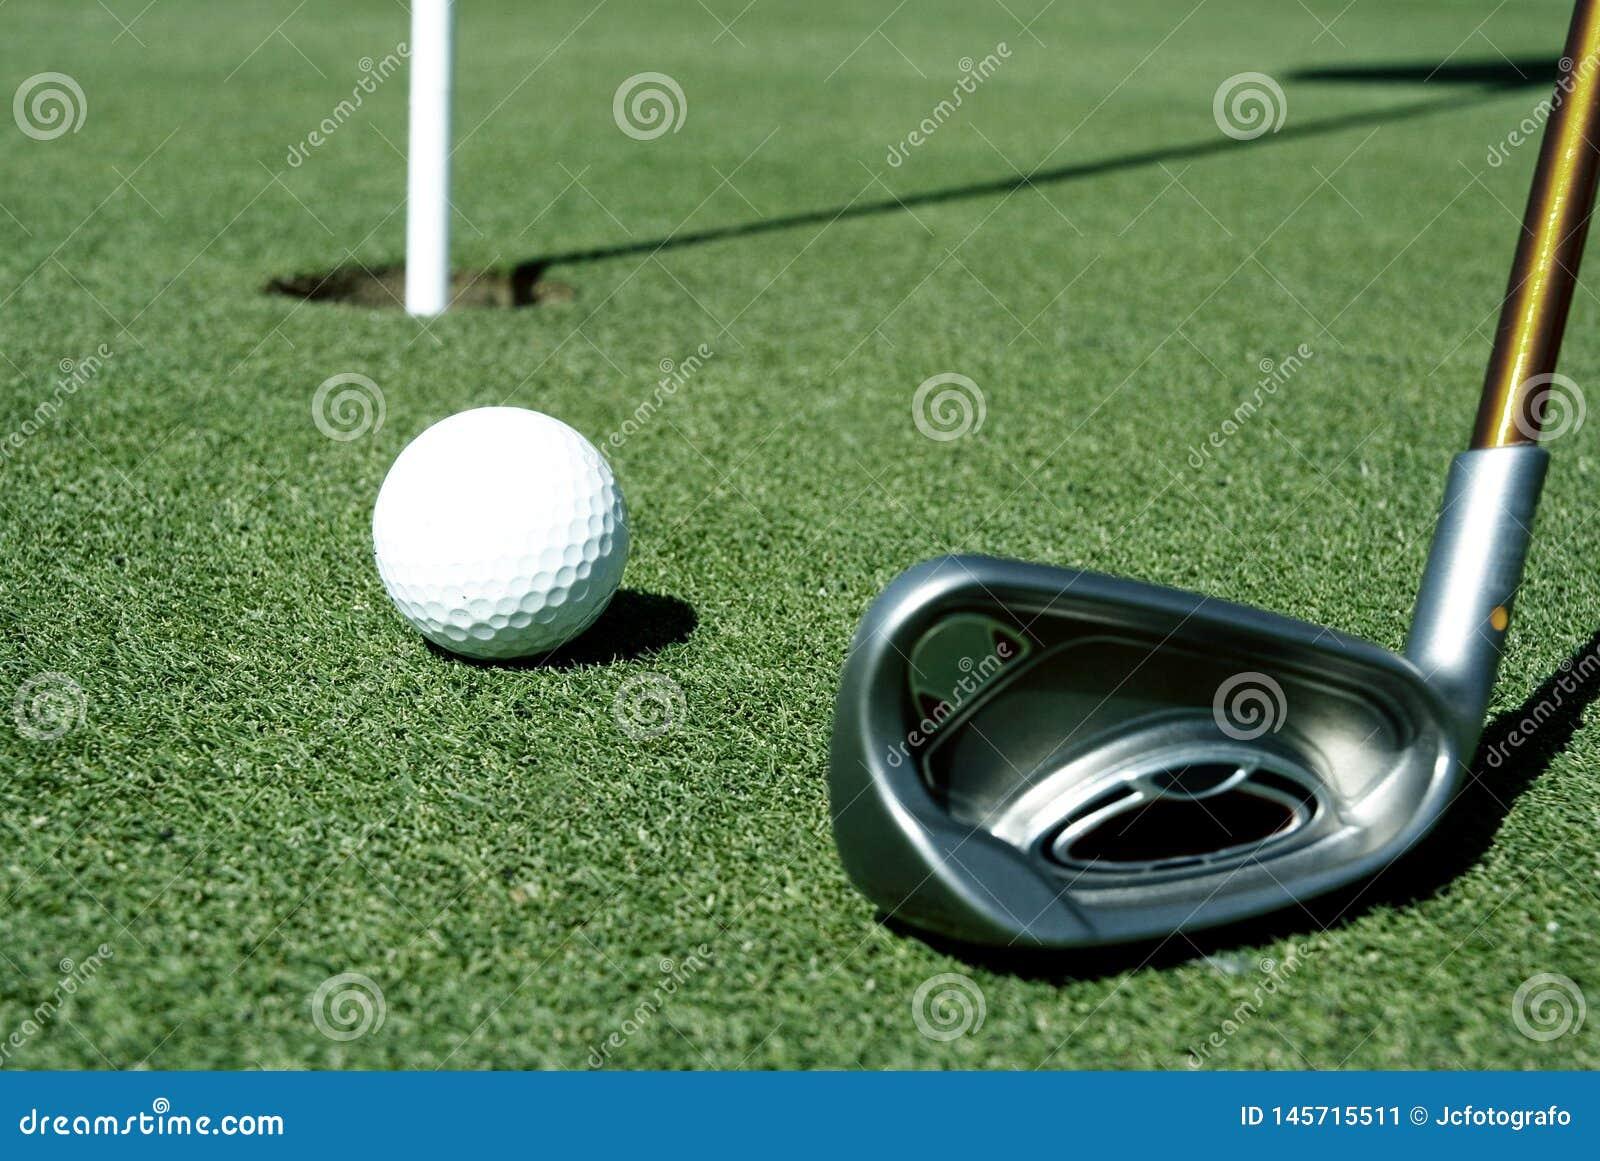 Bola de golfe 8